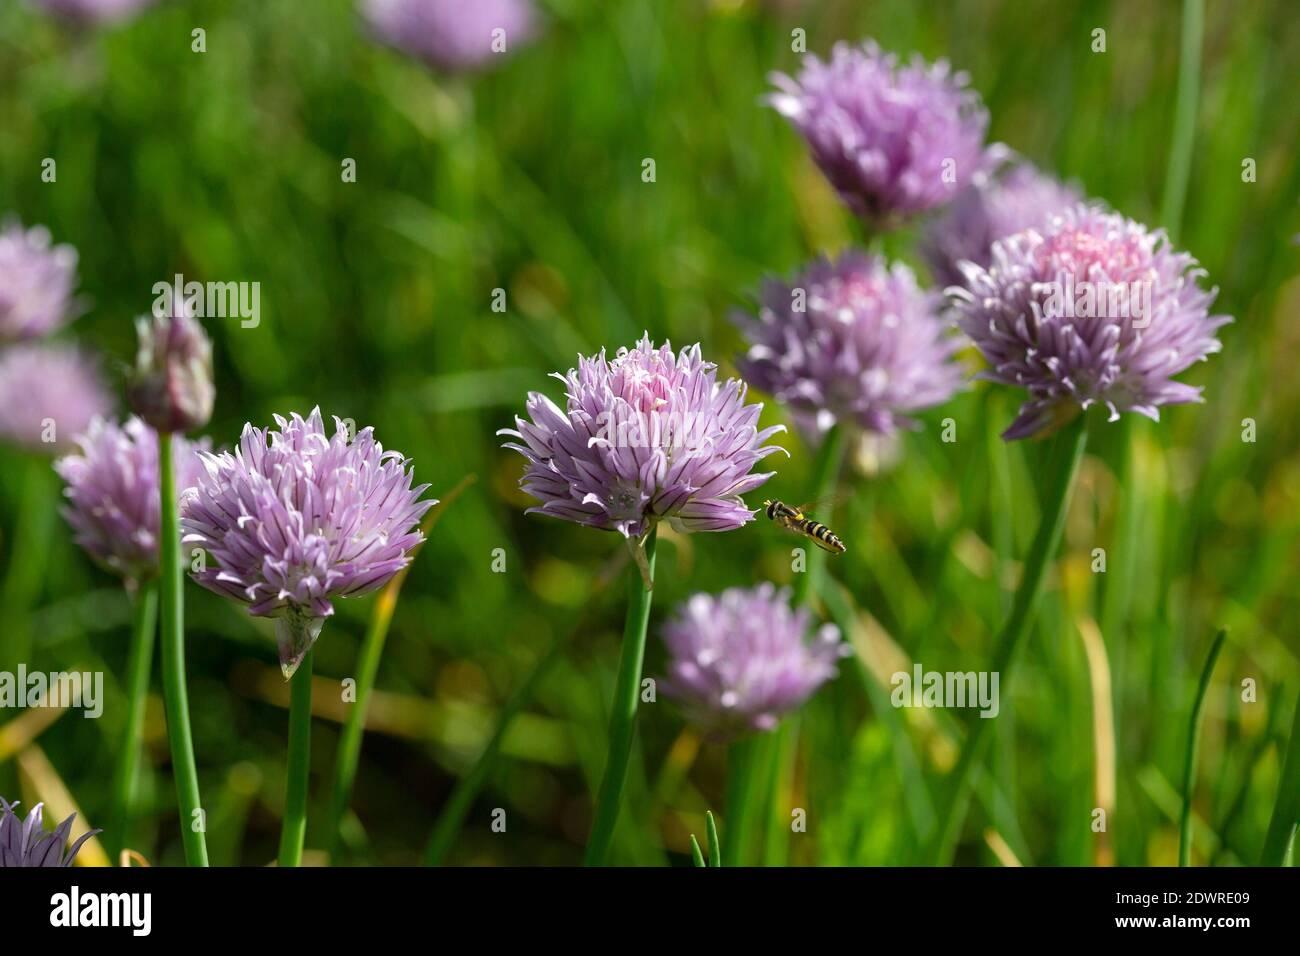 Schnittlauch, Blüten mit Schwebfliege Stock Photo